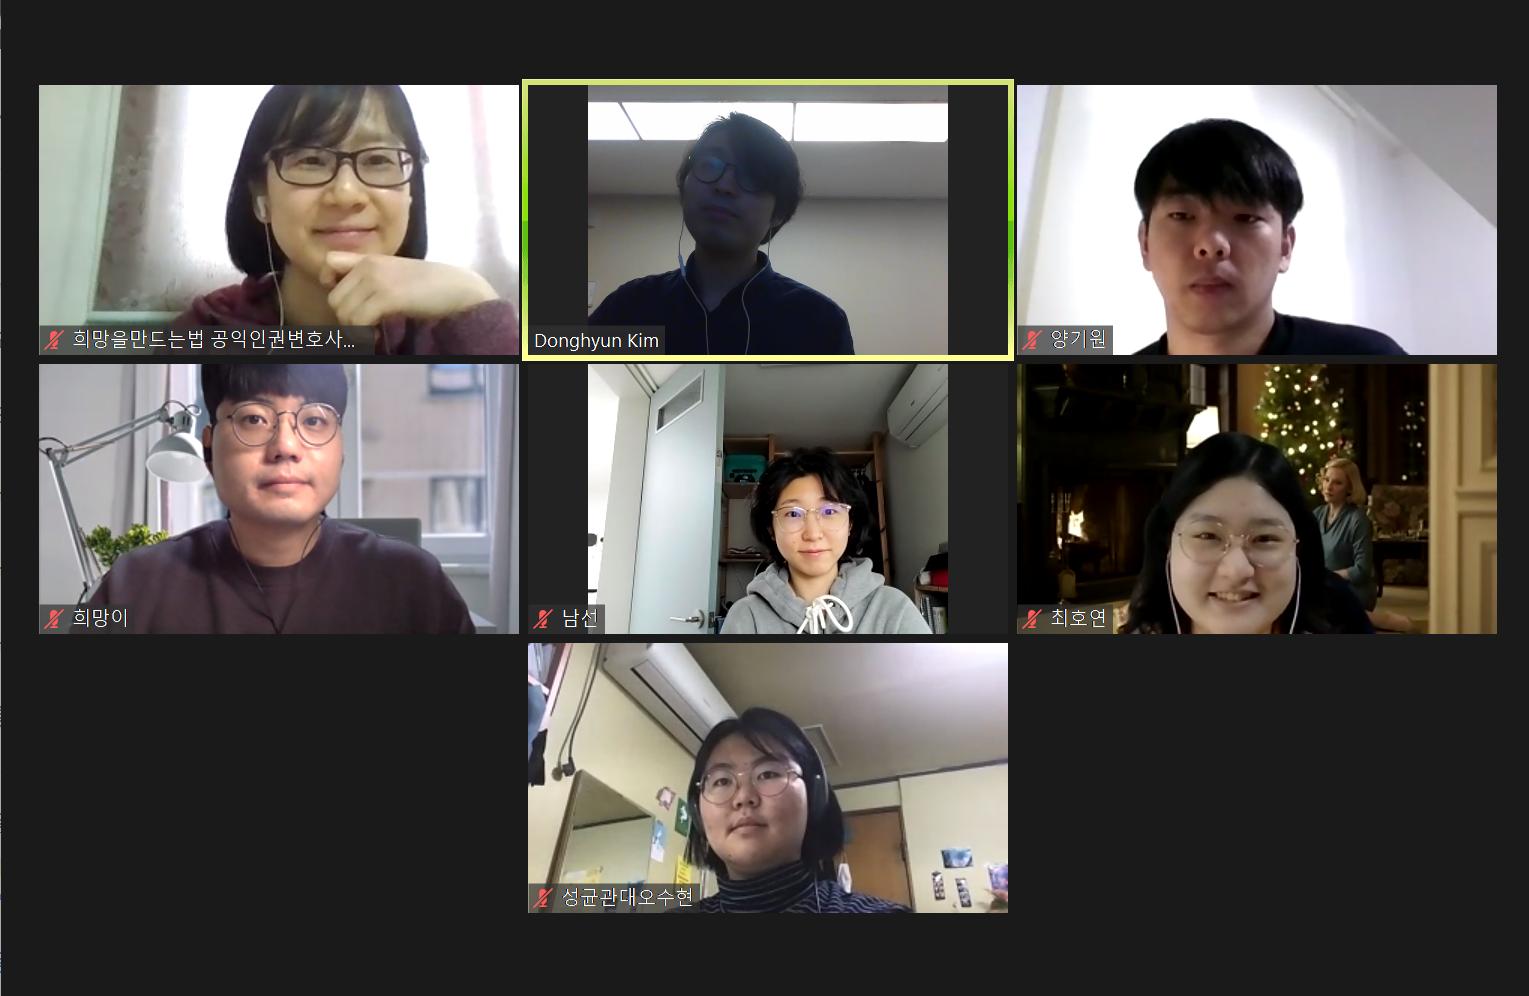 실무수습 강의를 온라인에서 줌 프로그램으로 진행하는 모습